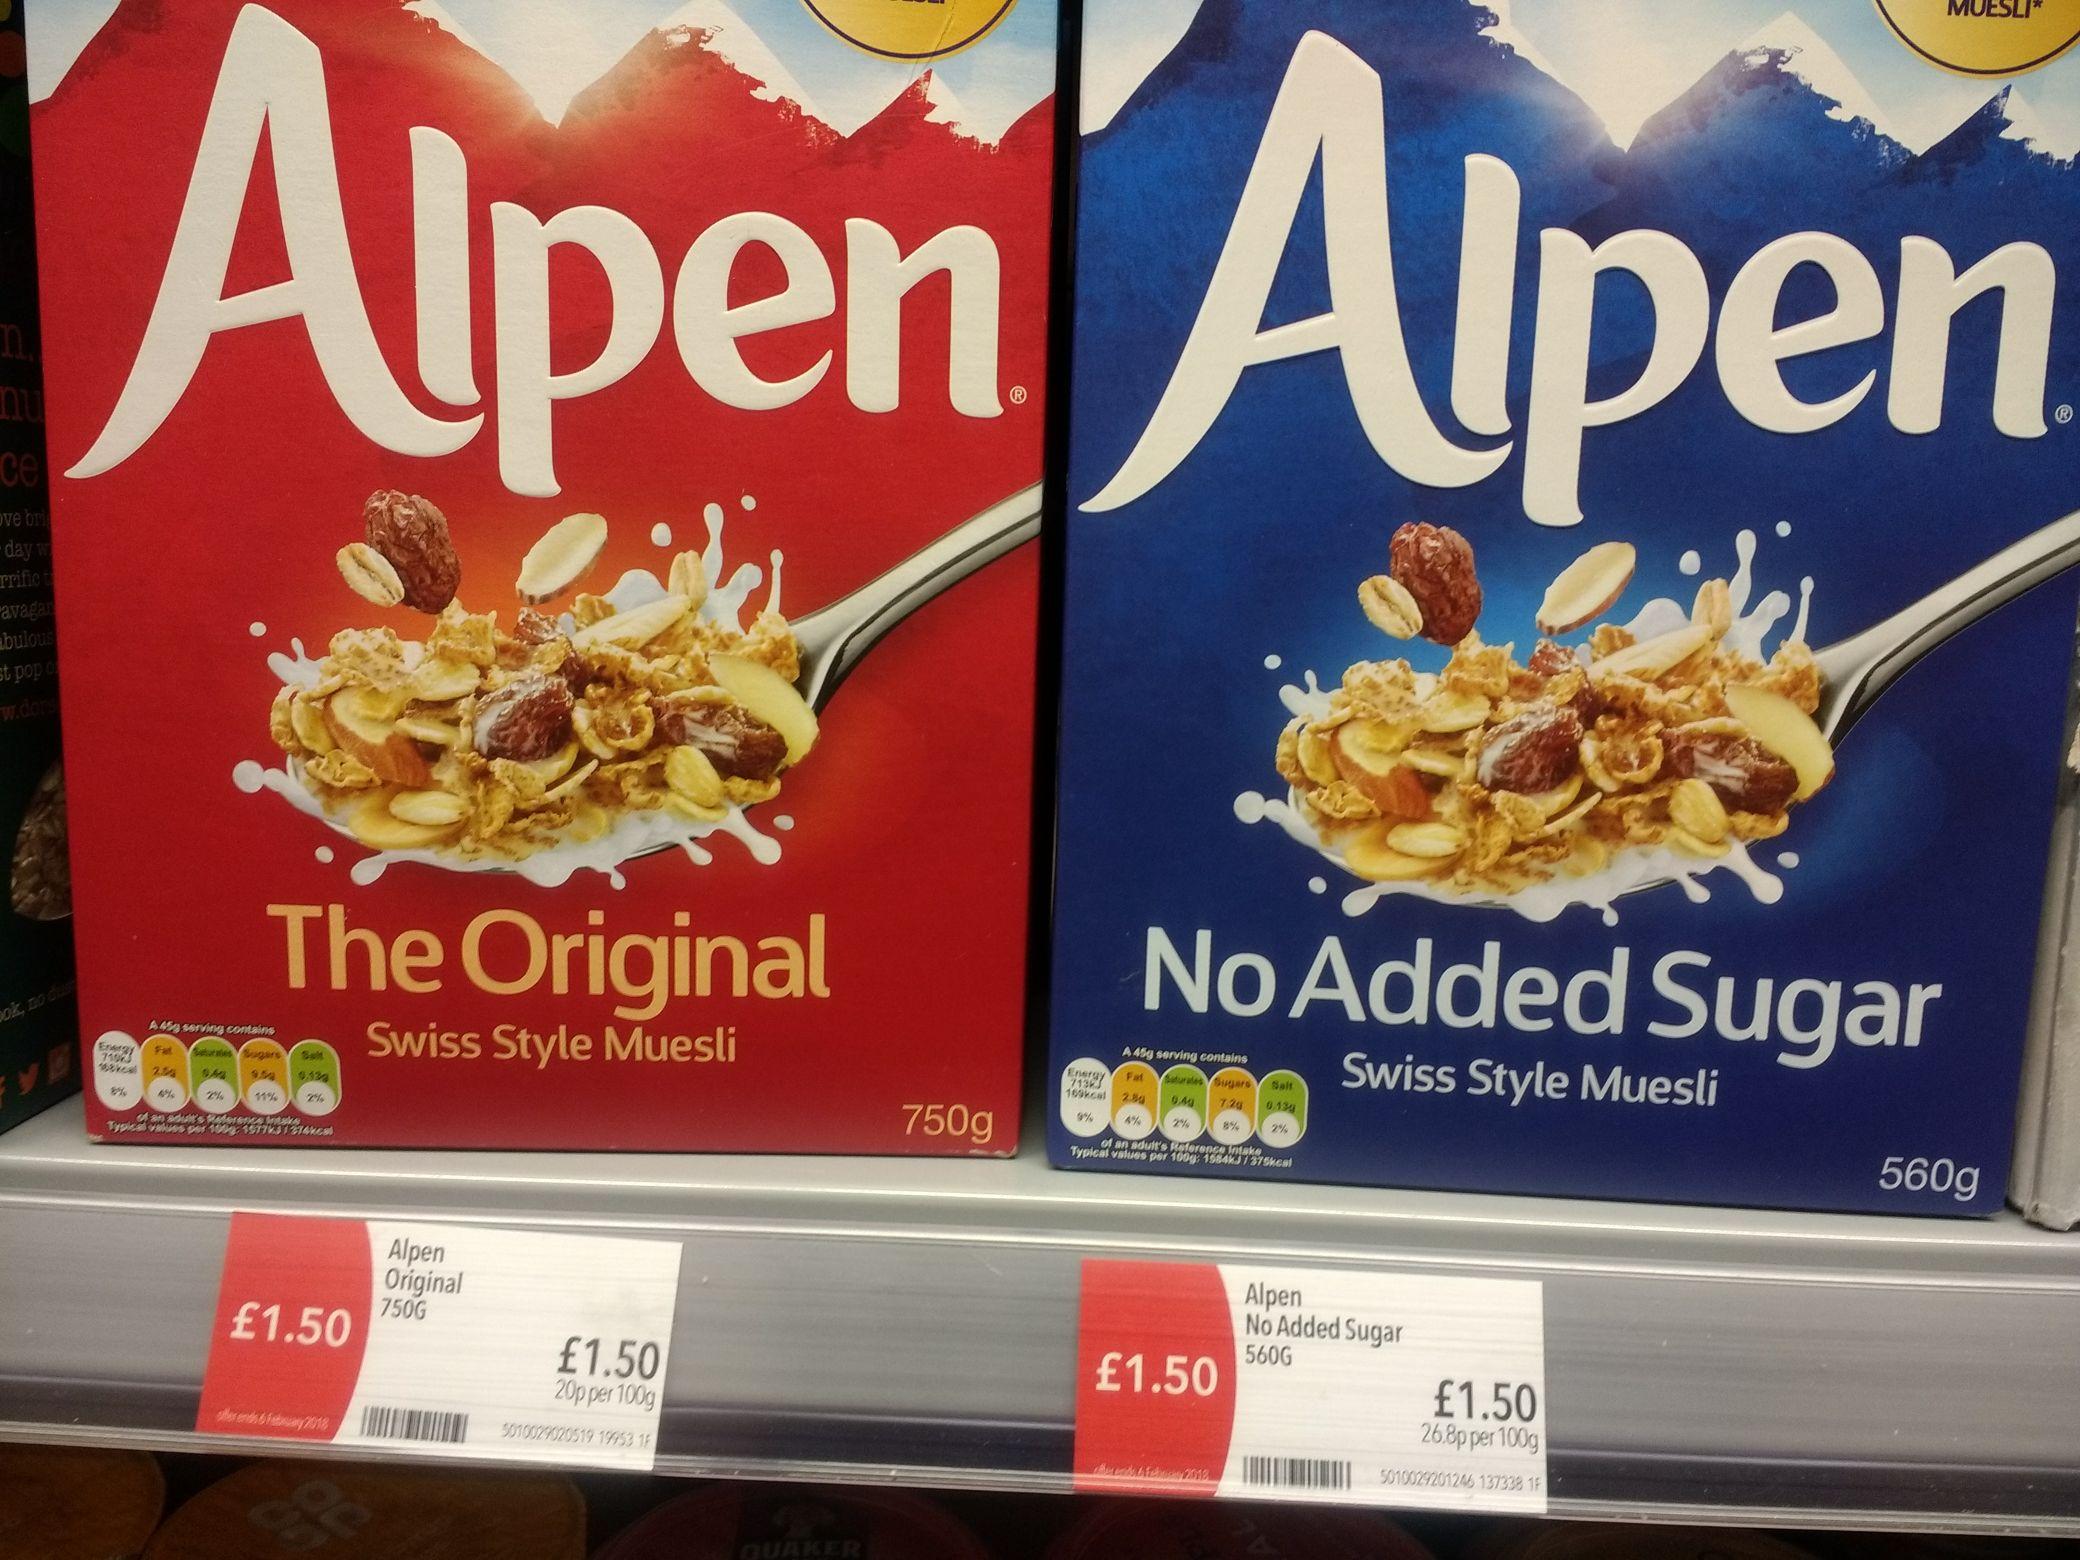 Alpen original 750g, no added sugar 560g £1.50 at co-op